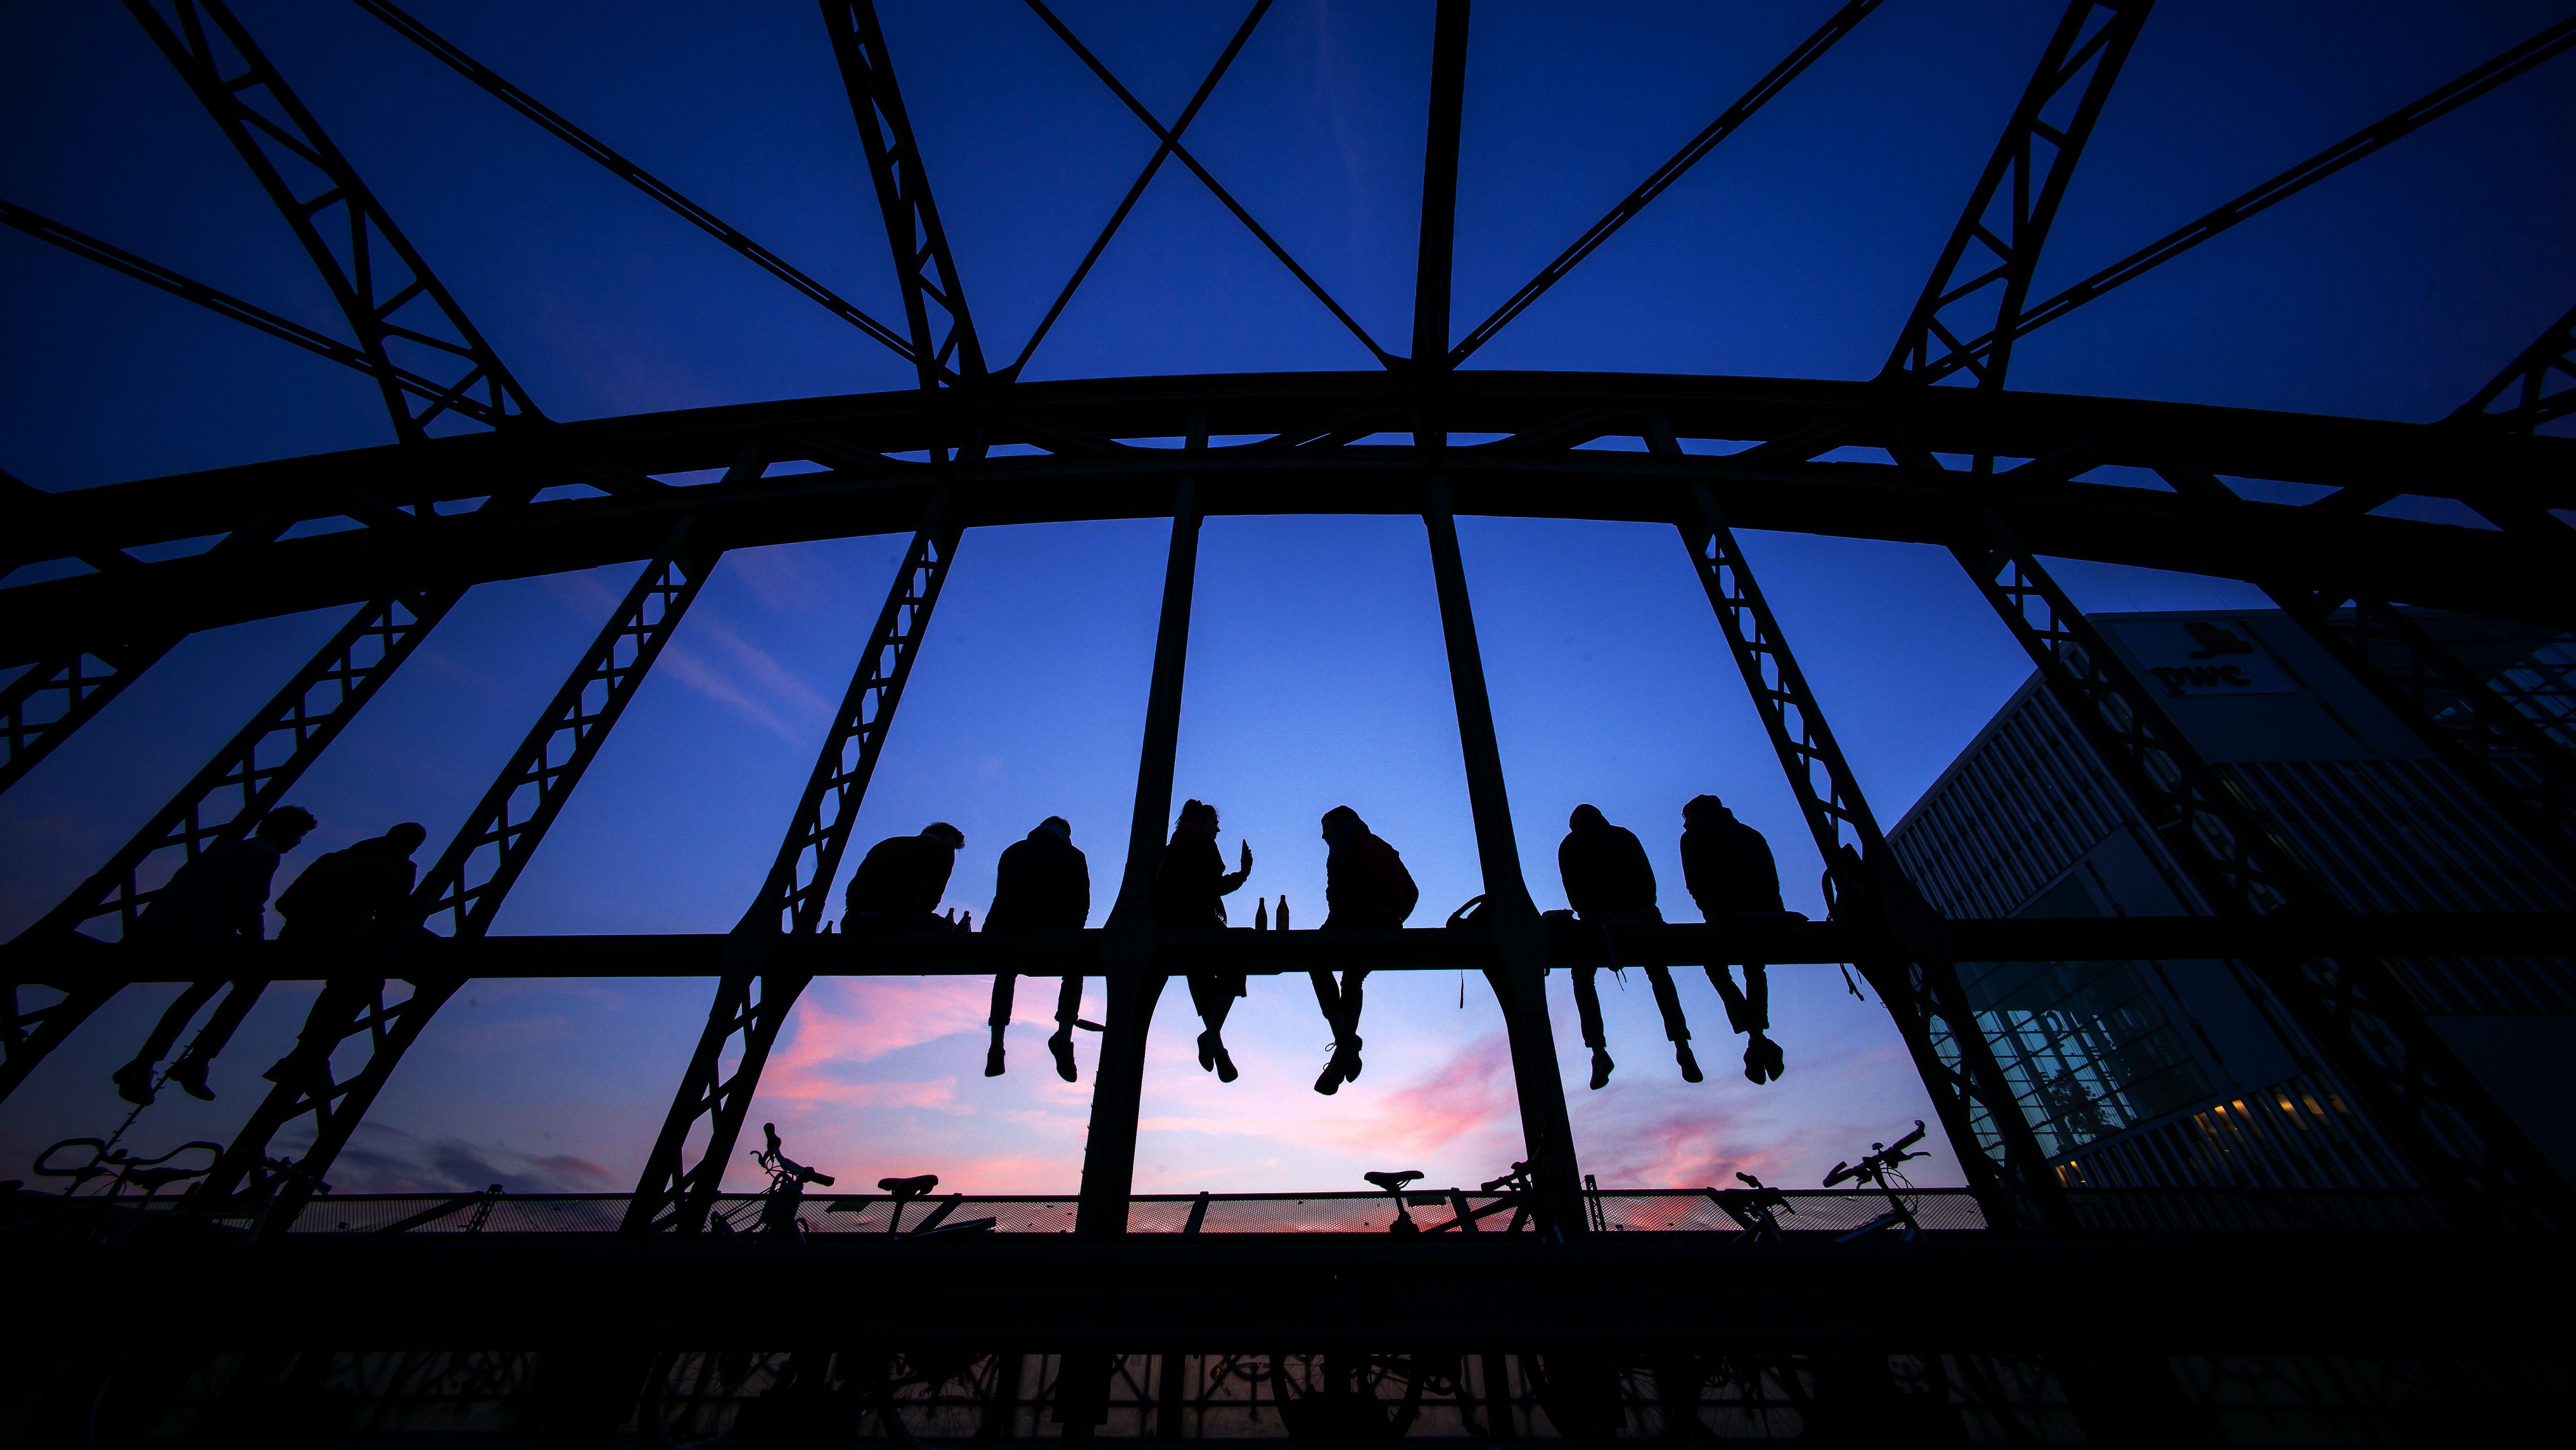 Symbolbild: Jugendliche sitzen am Abend auf den stählernen Querträgern der Hackerbrücke und beobachten den Sonnenuntergang am Horizont